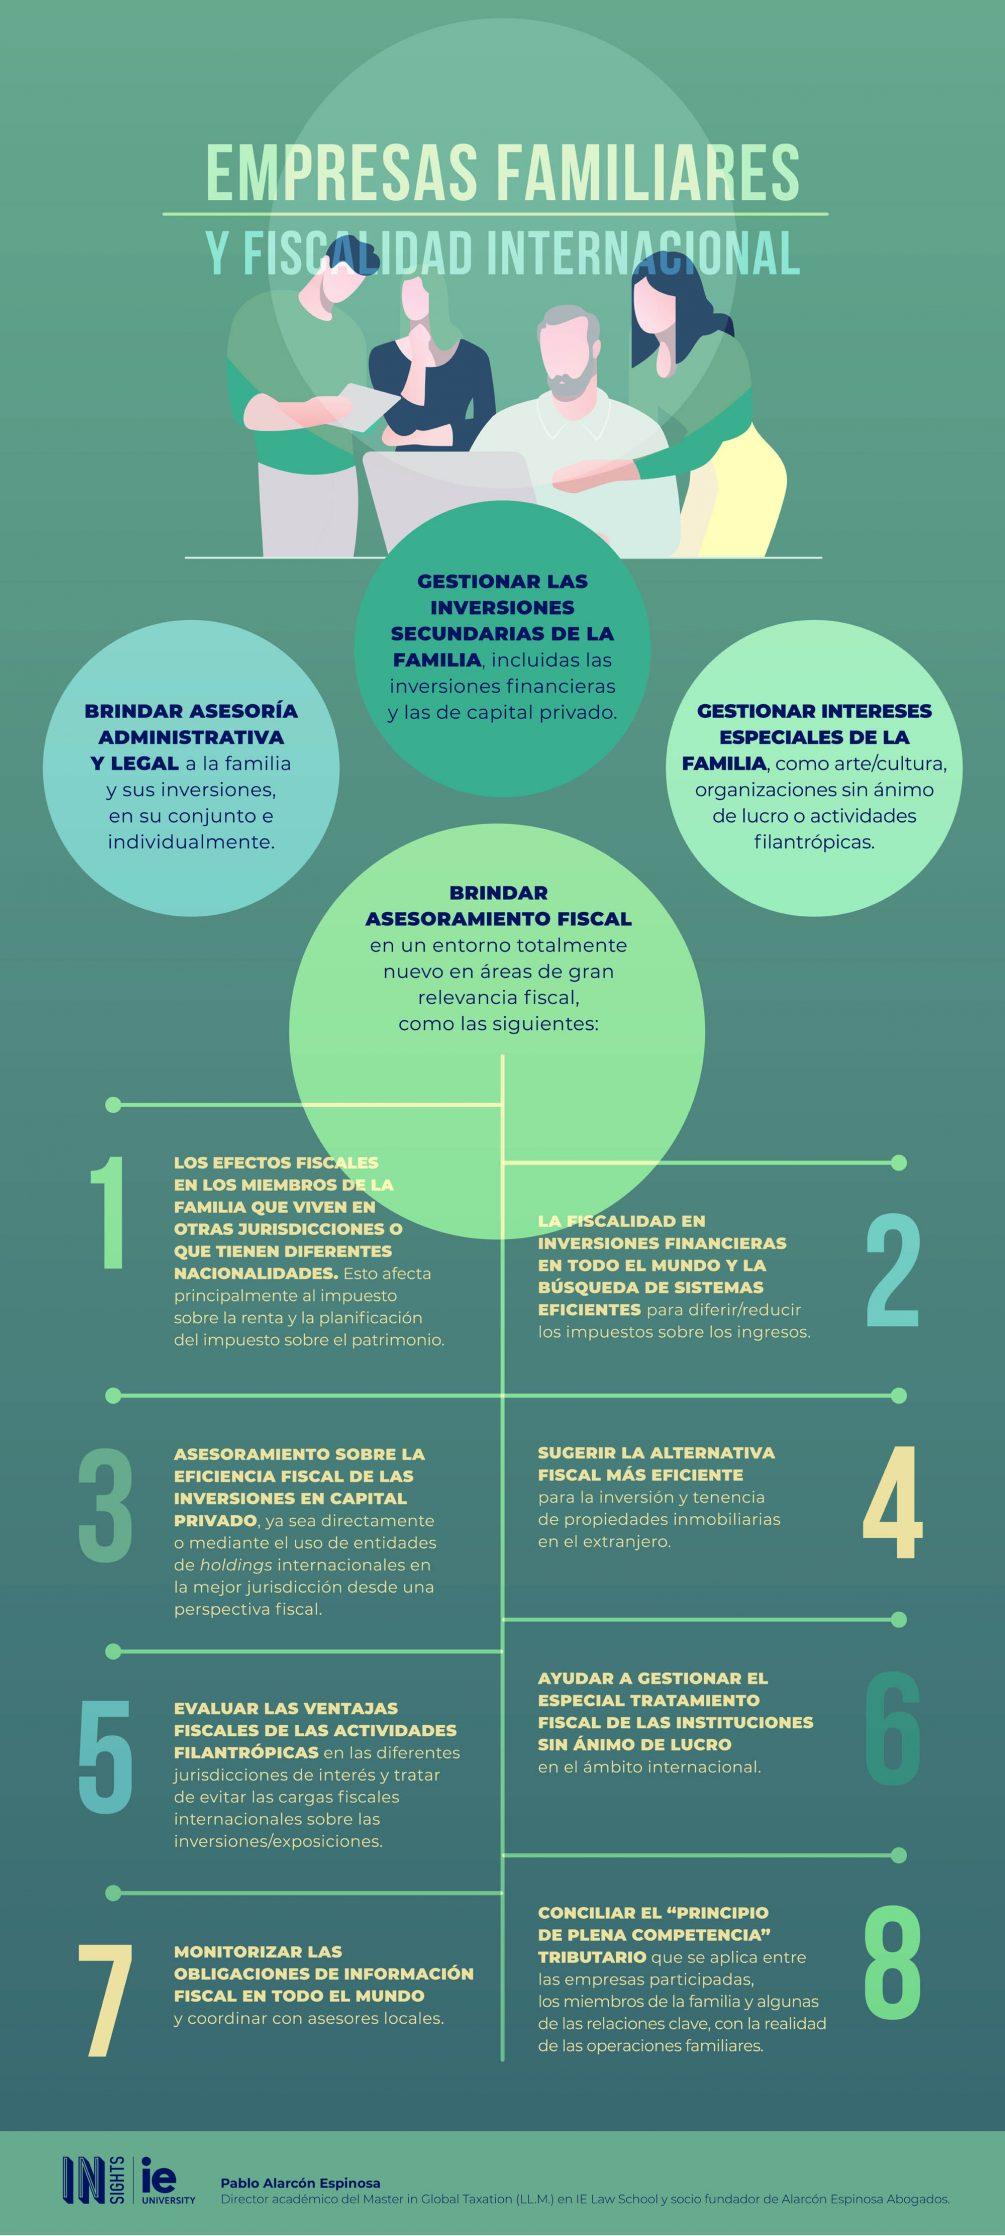 Infografia - Empresas familiares y fiscalidad internacional esp